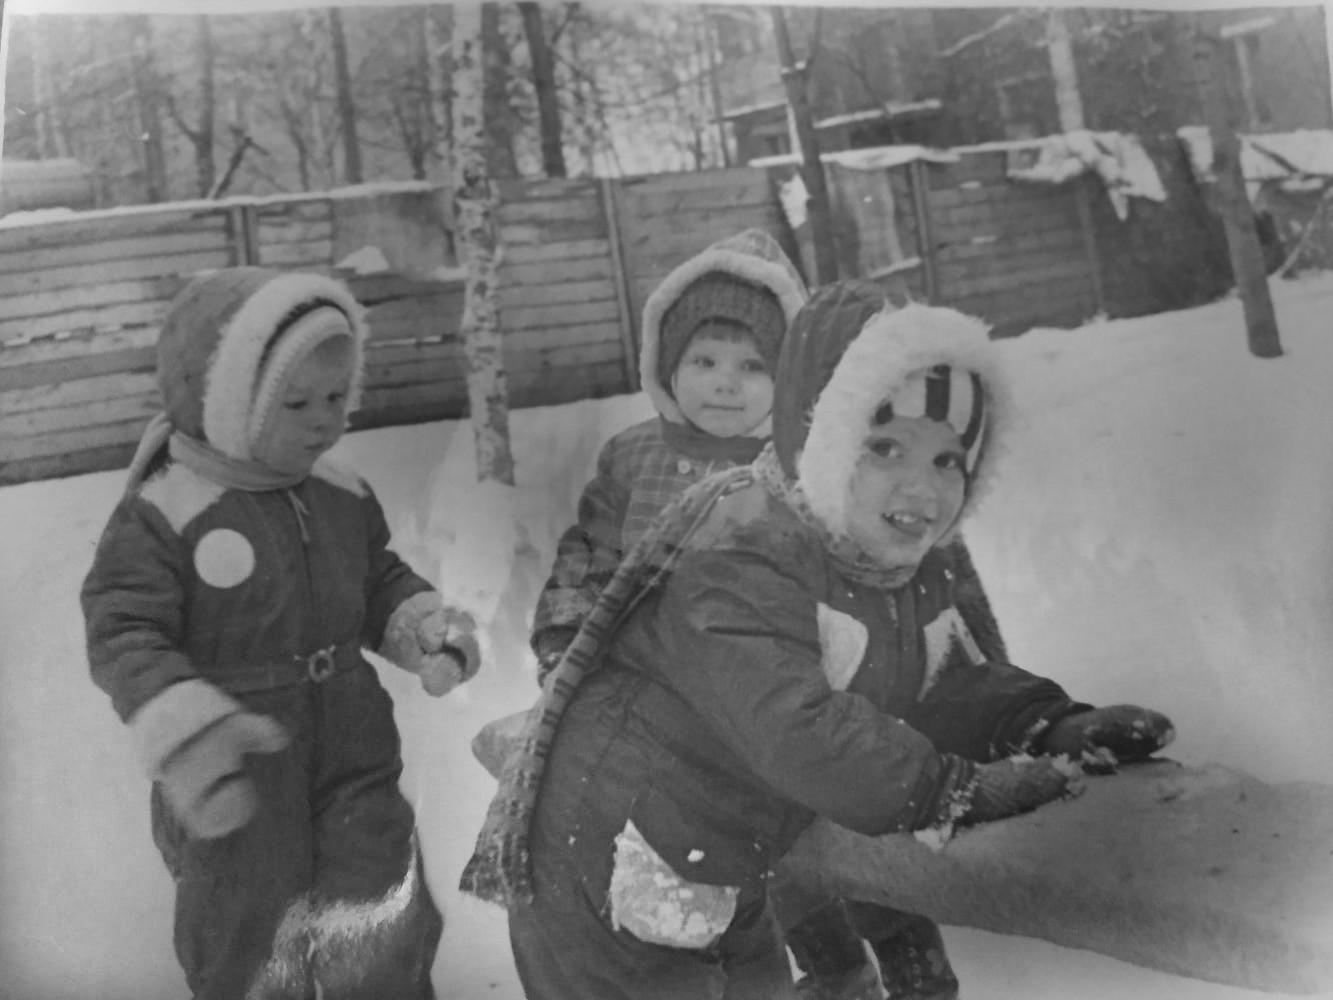 1979-80 Б.Очаковская, 36. Иван Туркин2